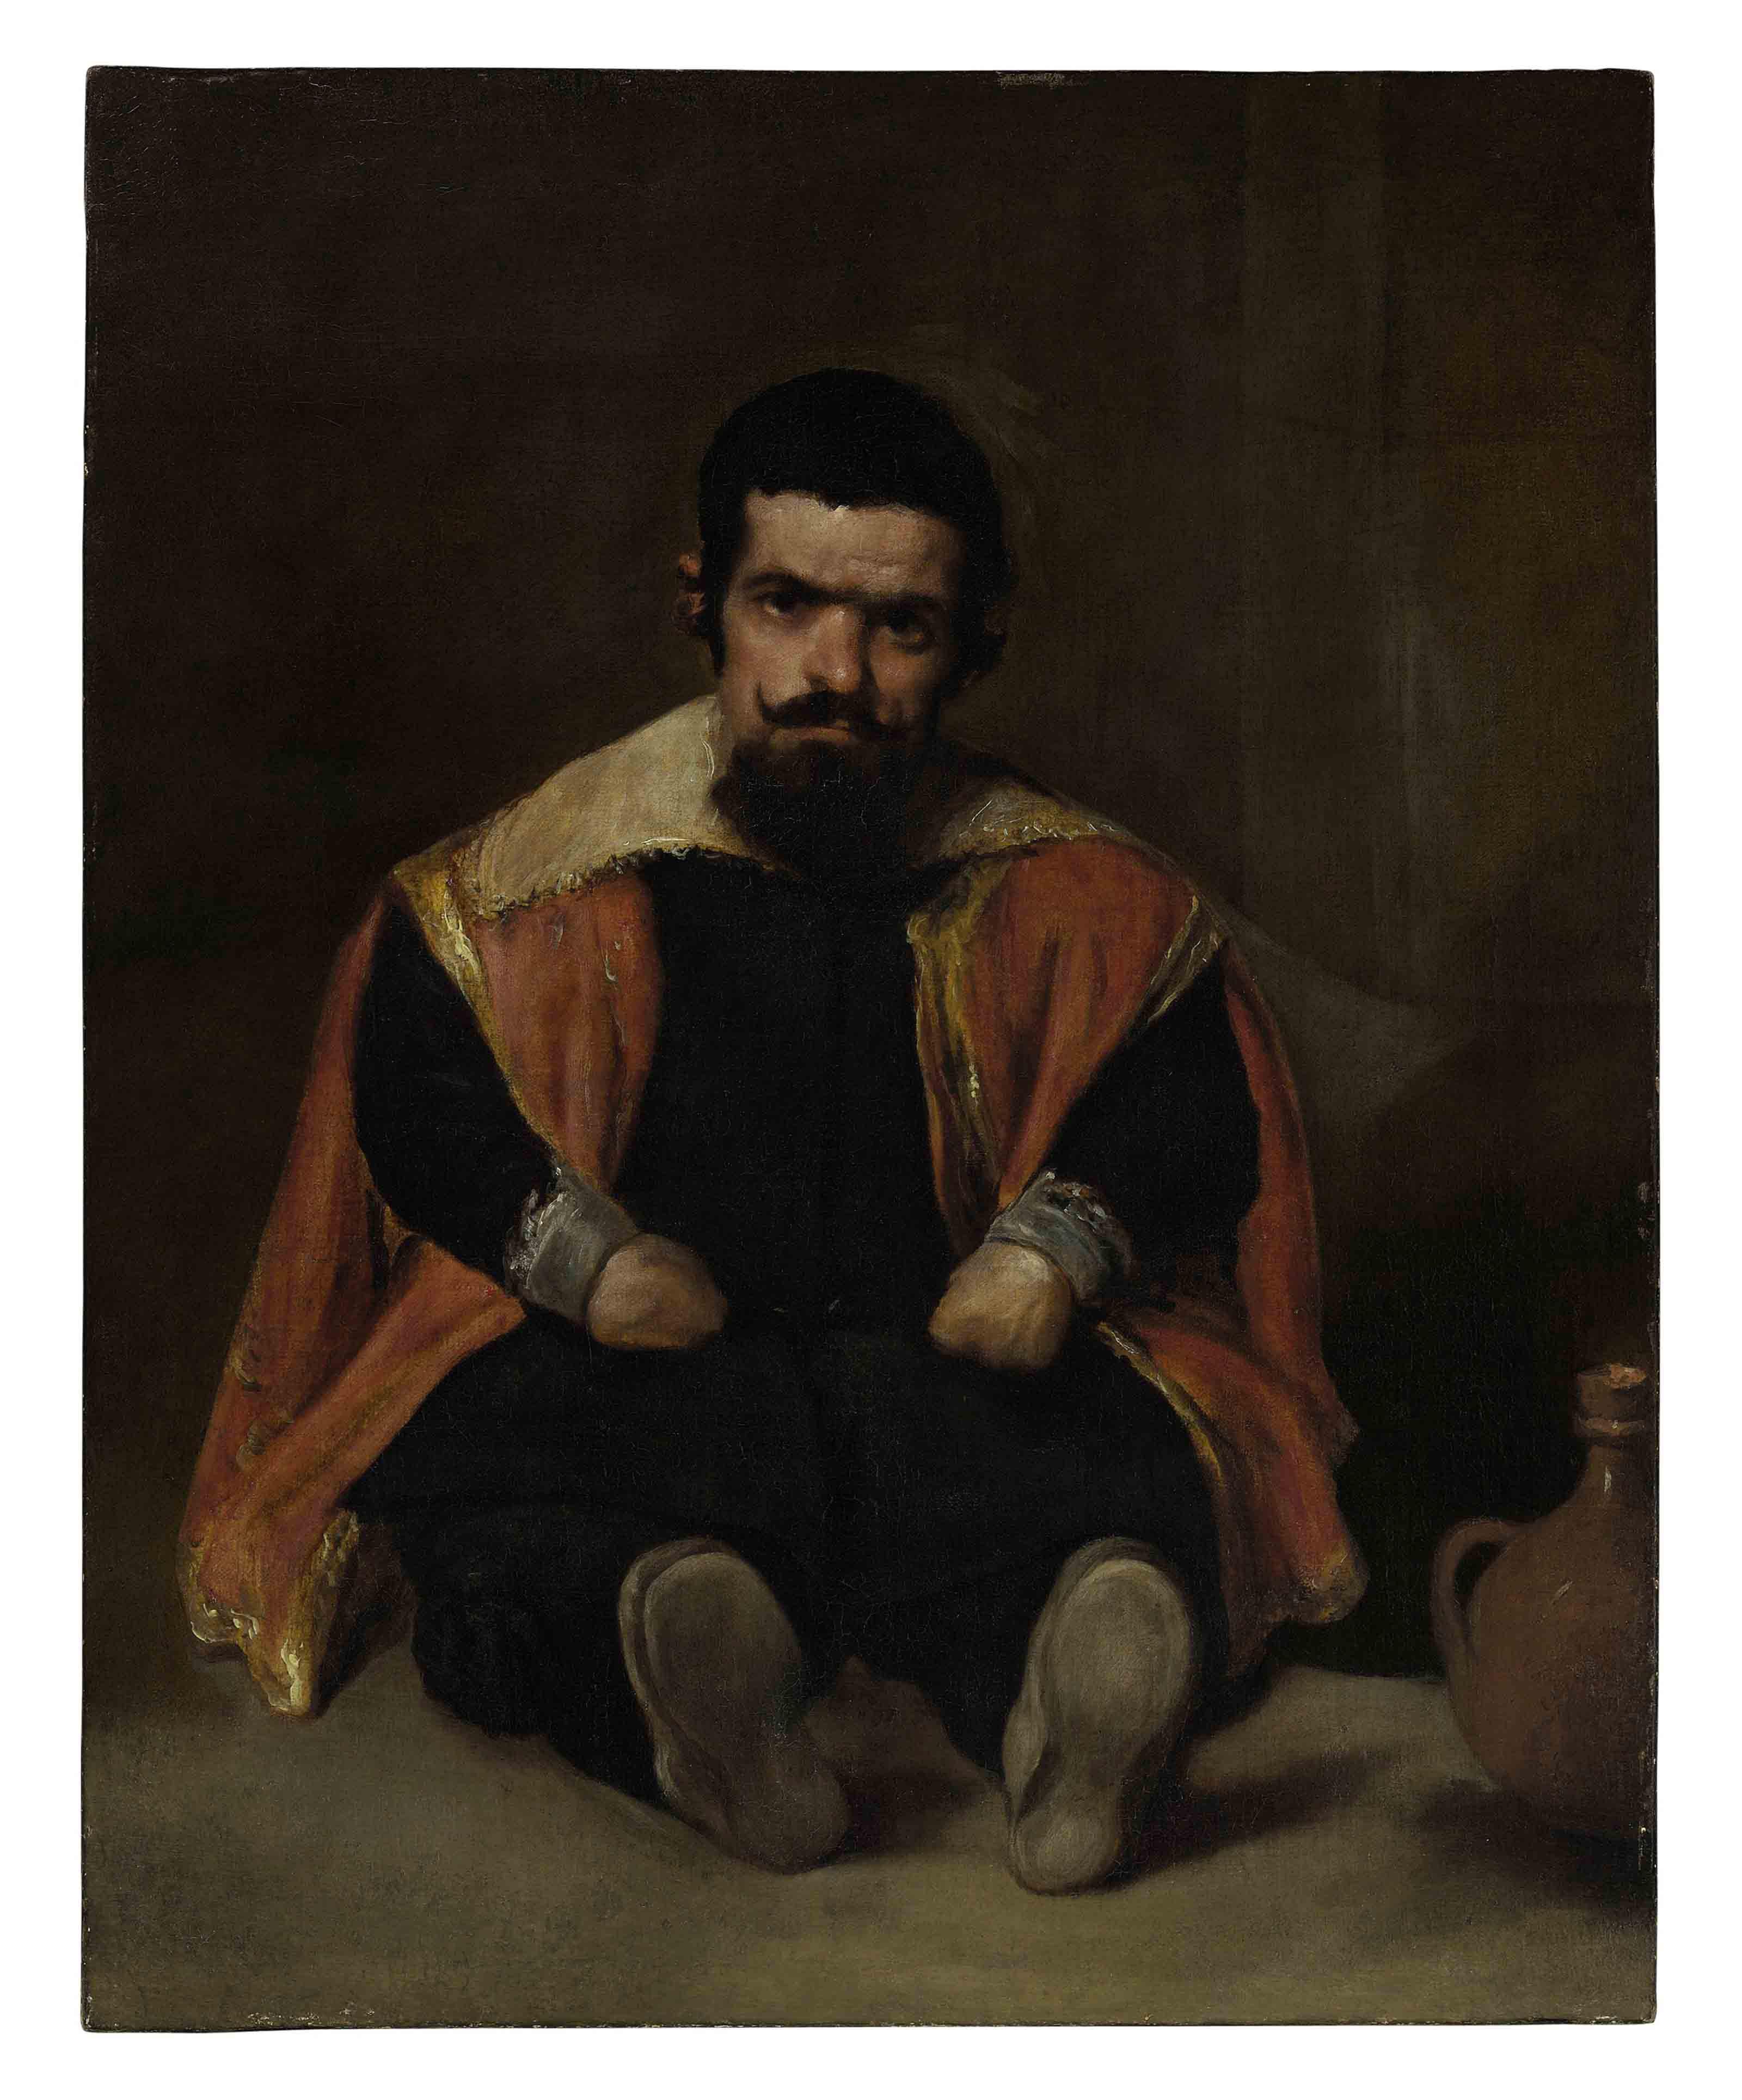 Studio of Diego Rodríguez de Silva y Velázquez (Seville 1599-1660 Madrid)